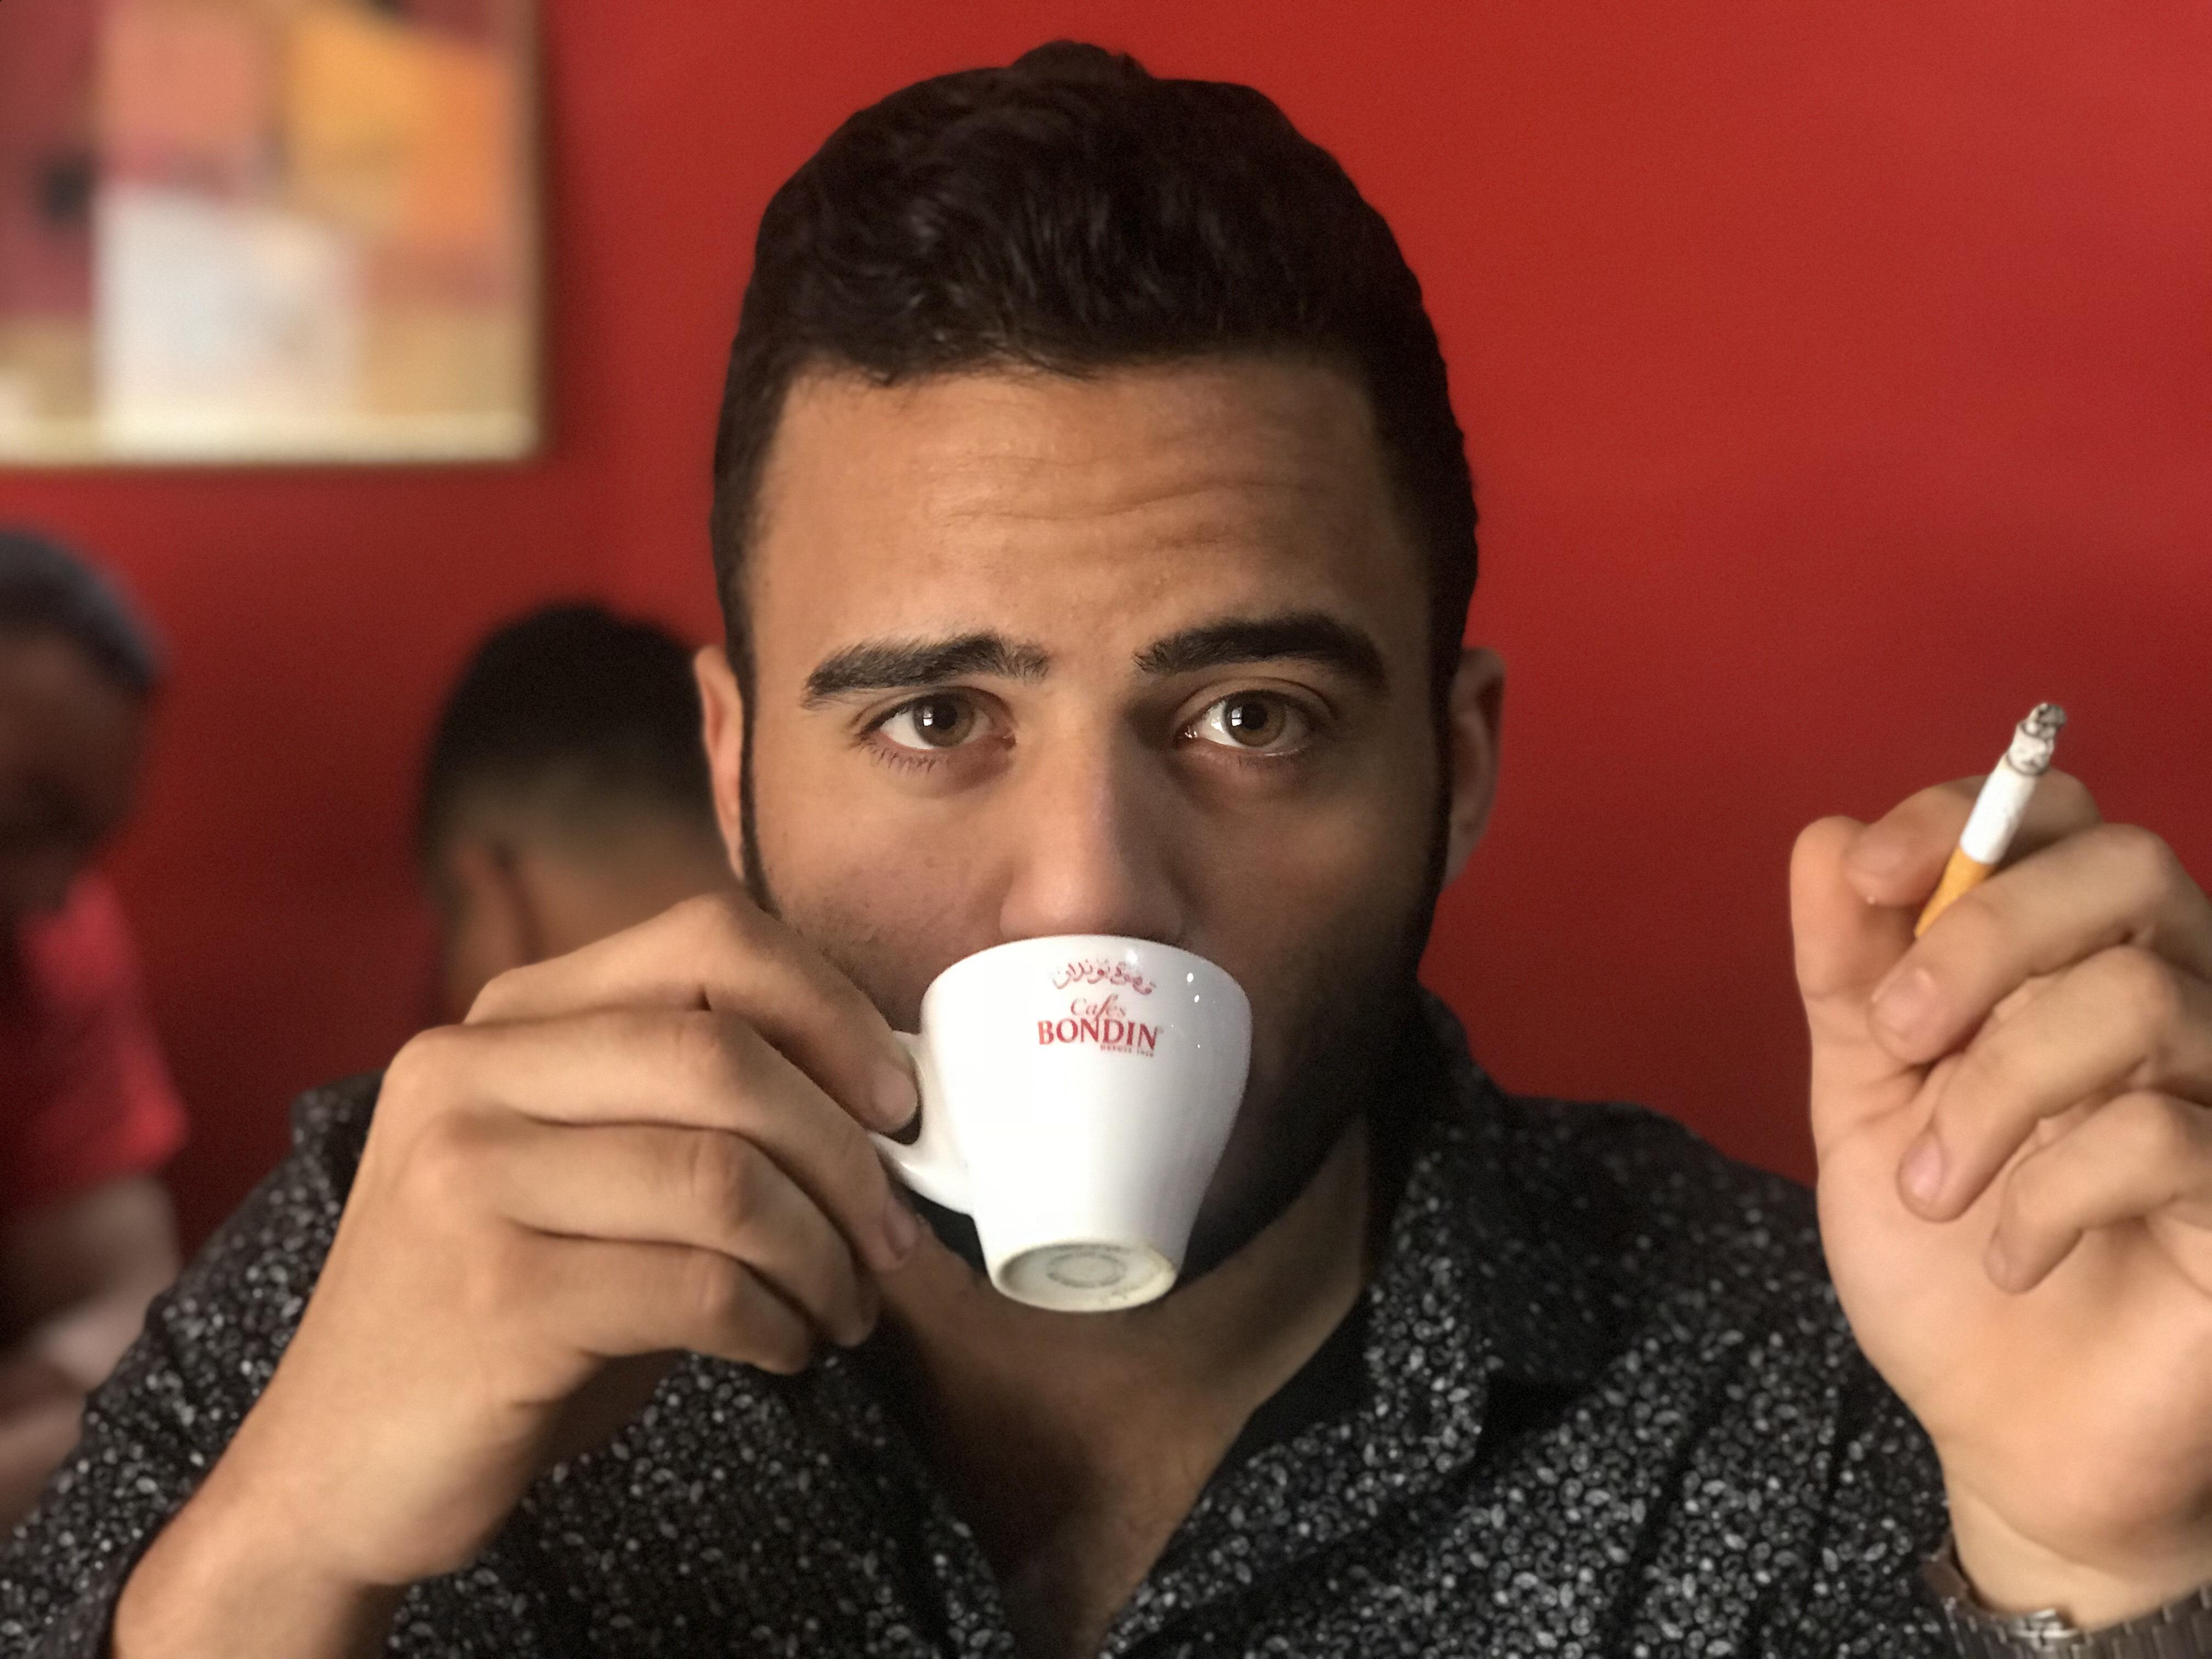 سفيان كسكسي يرتشف قهوة في مقهى يفتح نهار رمضان